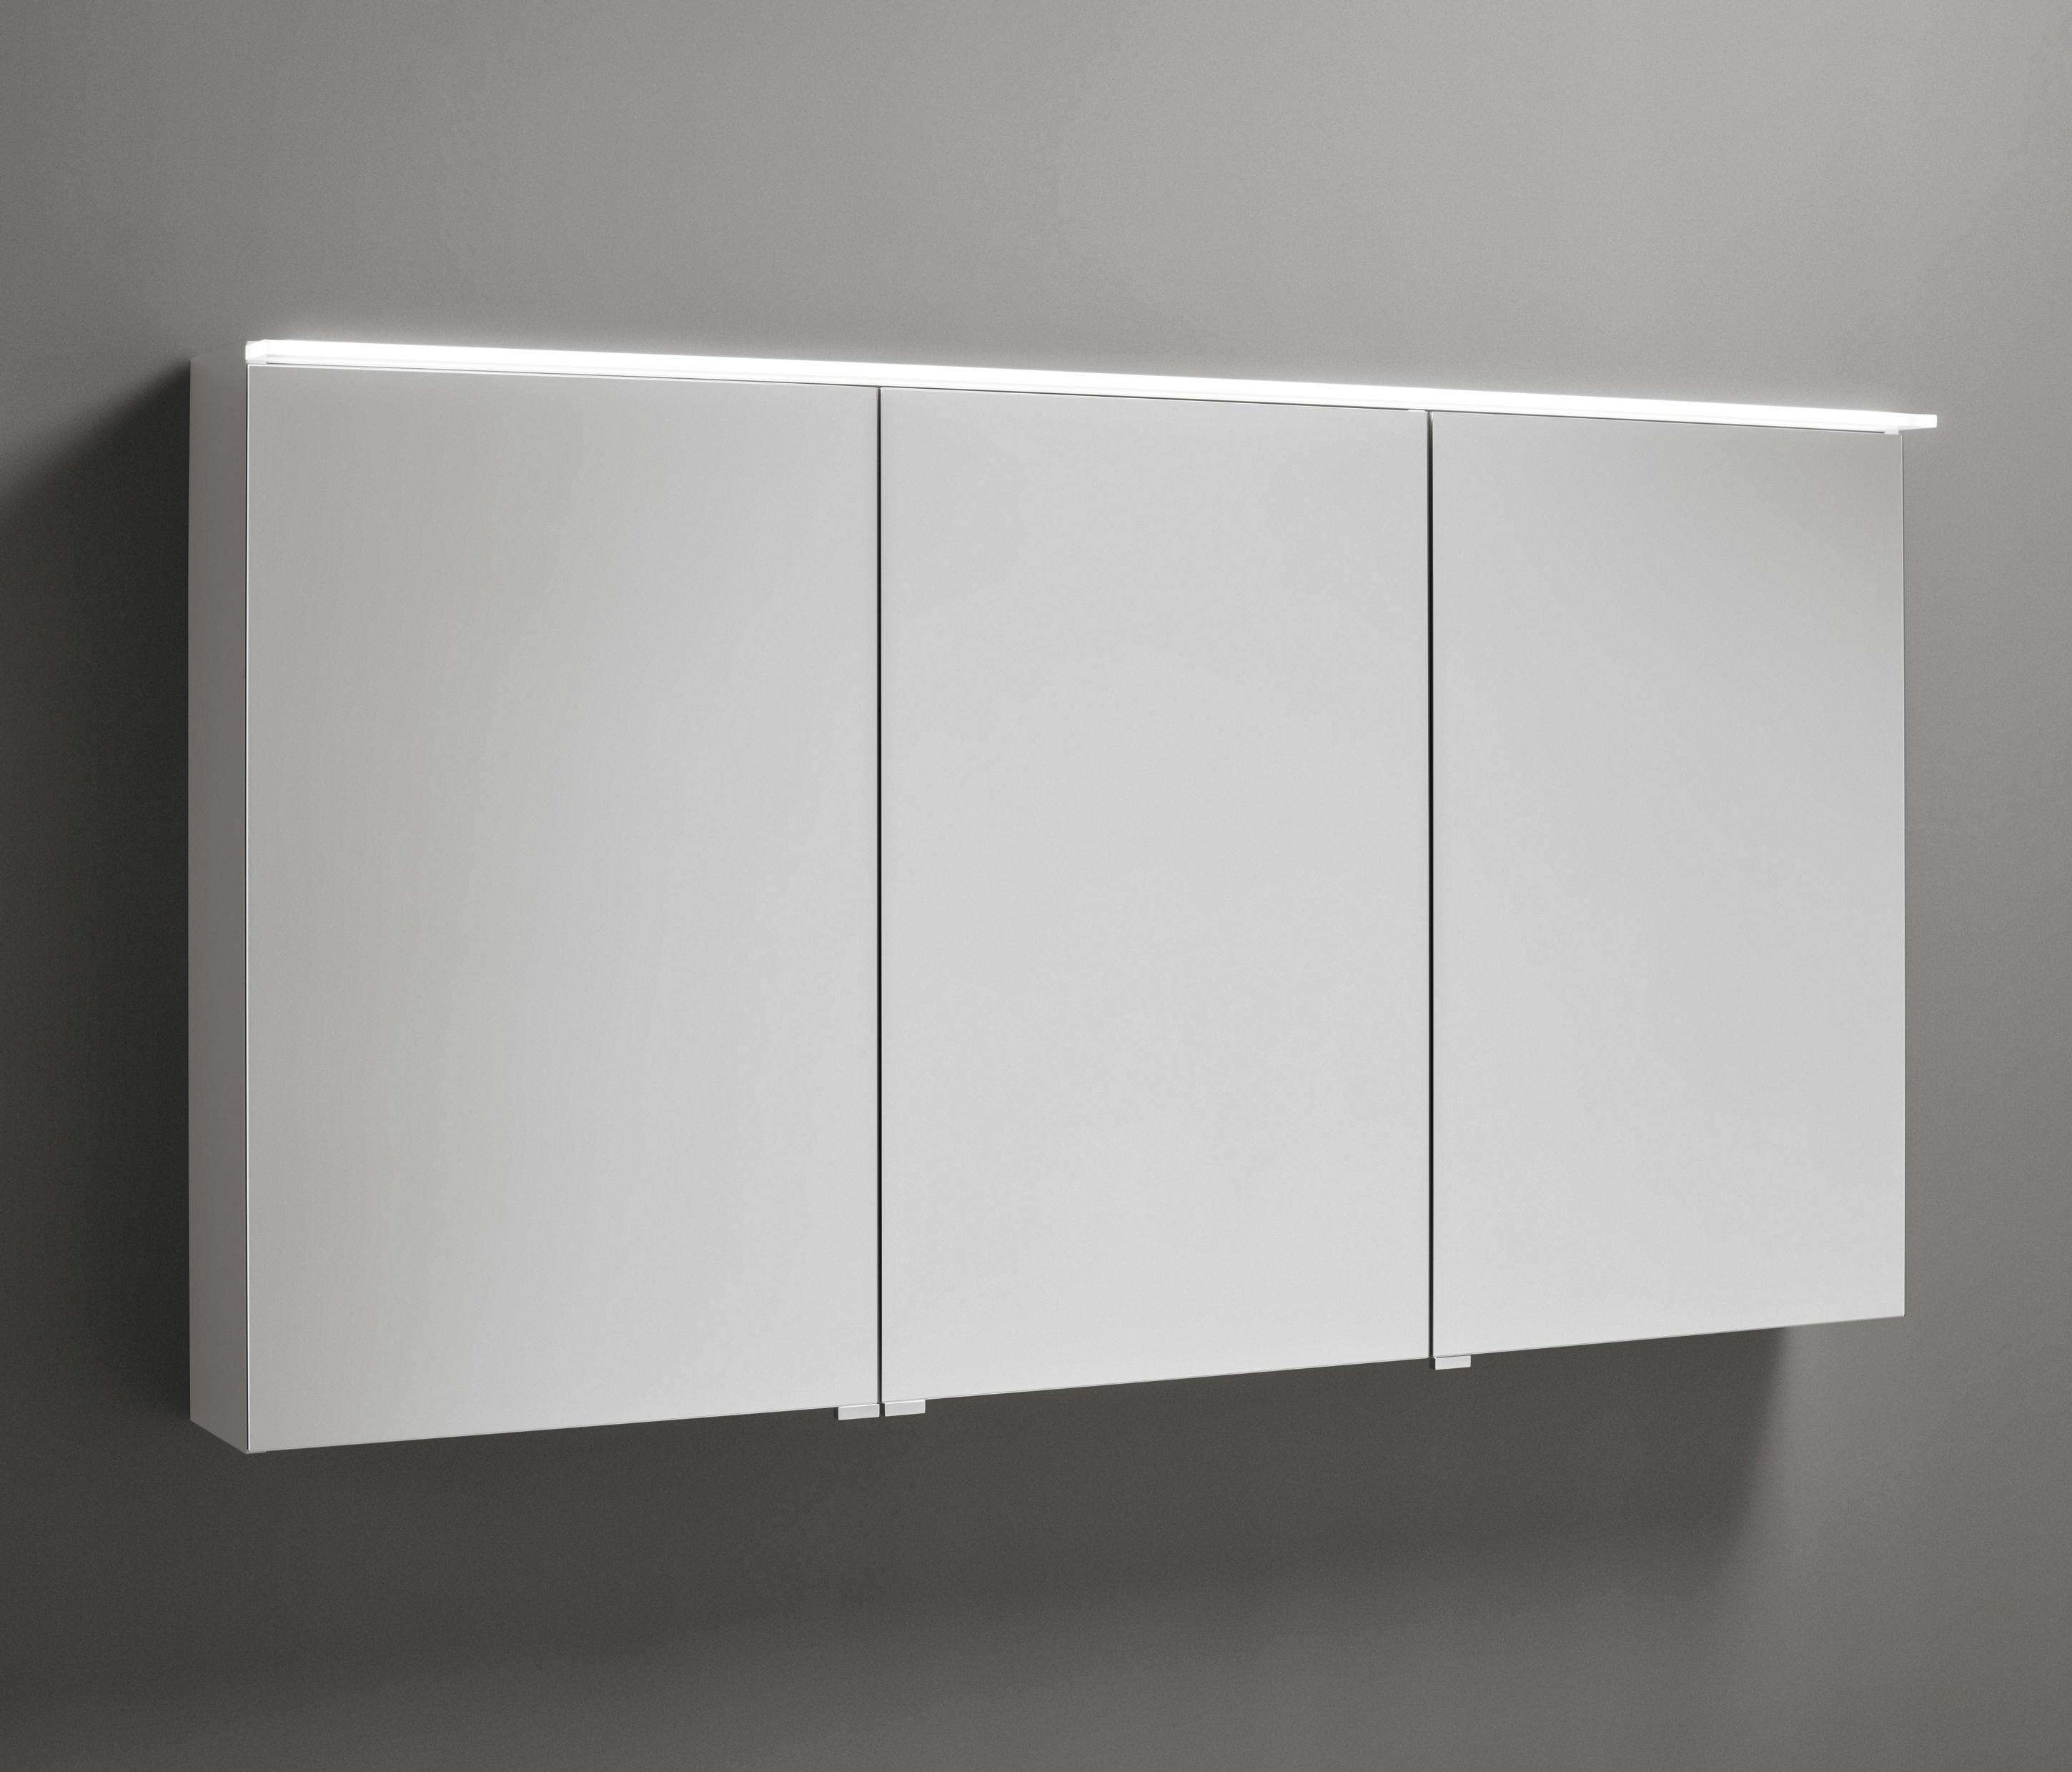 Armoire de toilette miroir avec eclairage armoire de for Armoire de toilette miroir